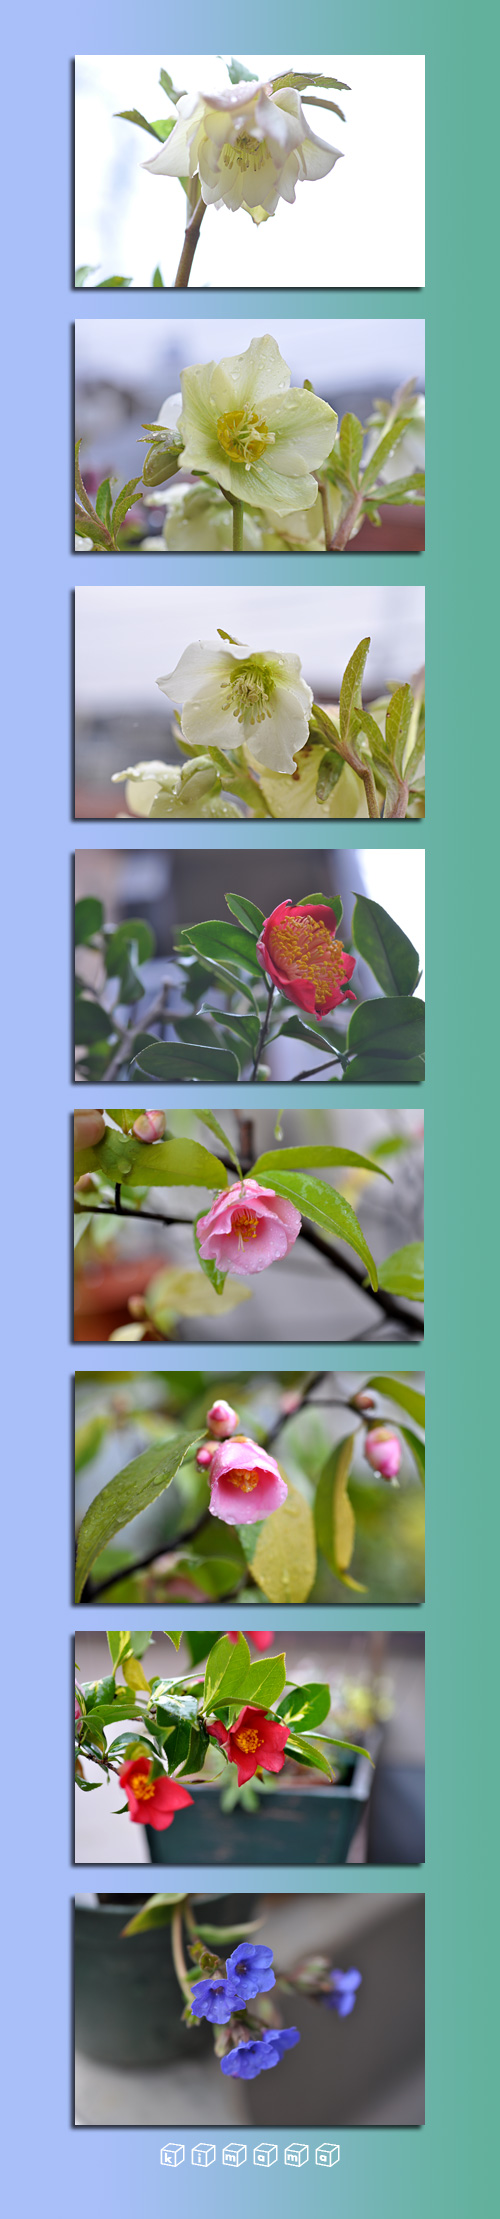 2月27日庭の花2